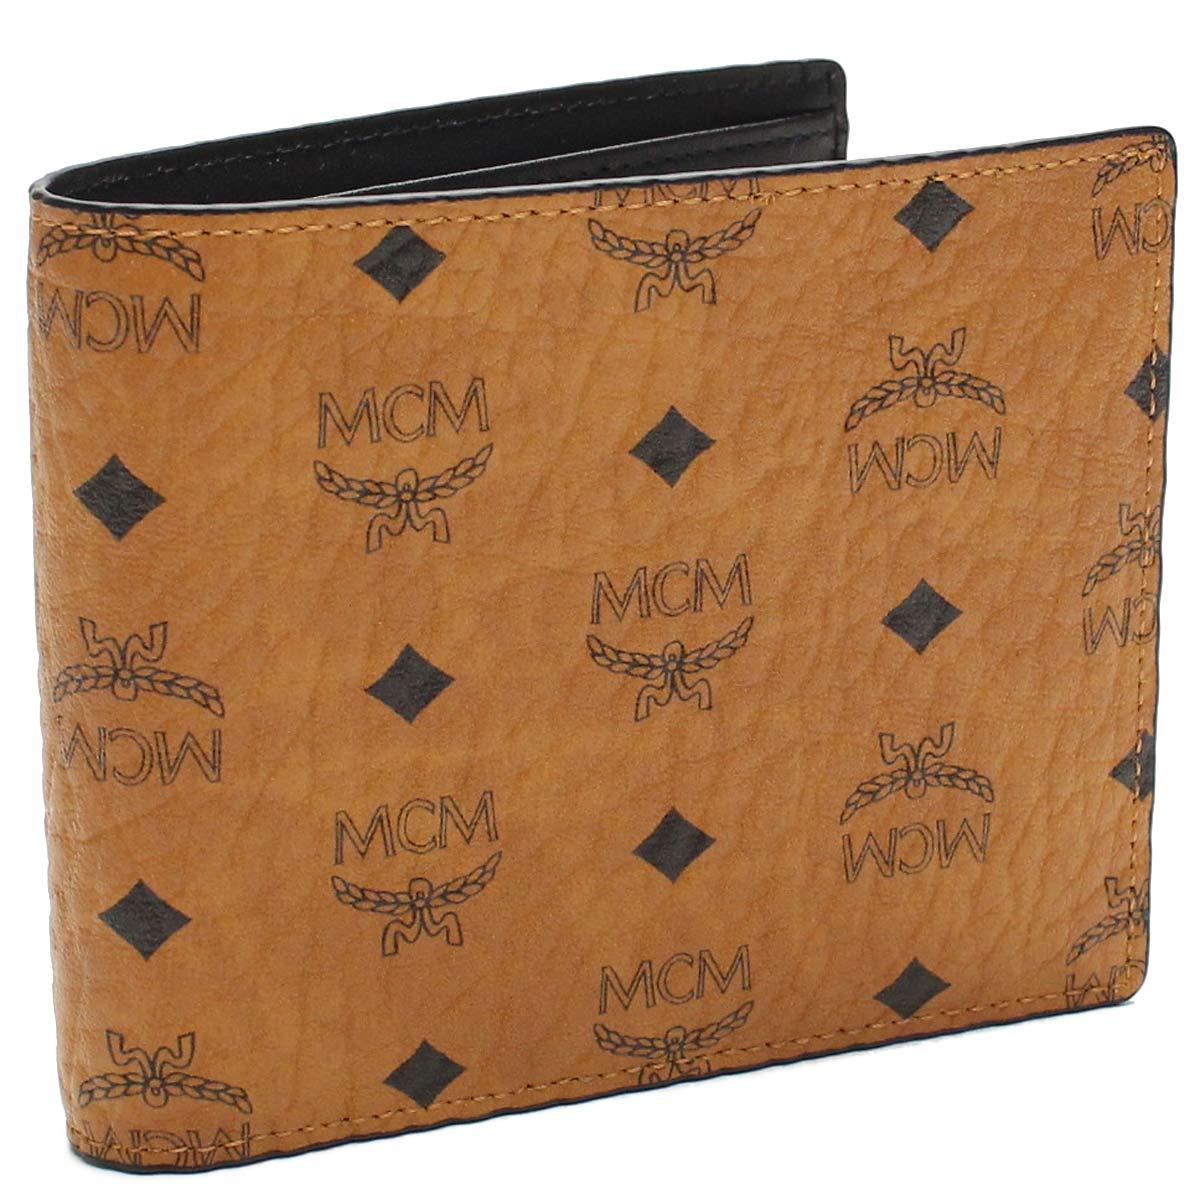 エムシーエム MCM 財布 二つ折り 小銭入付き MXS6AVI66 CO001 ブラウン系 【メンズ】